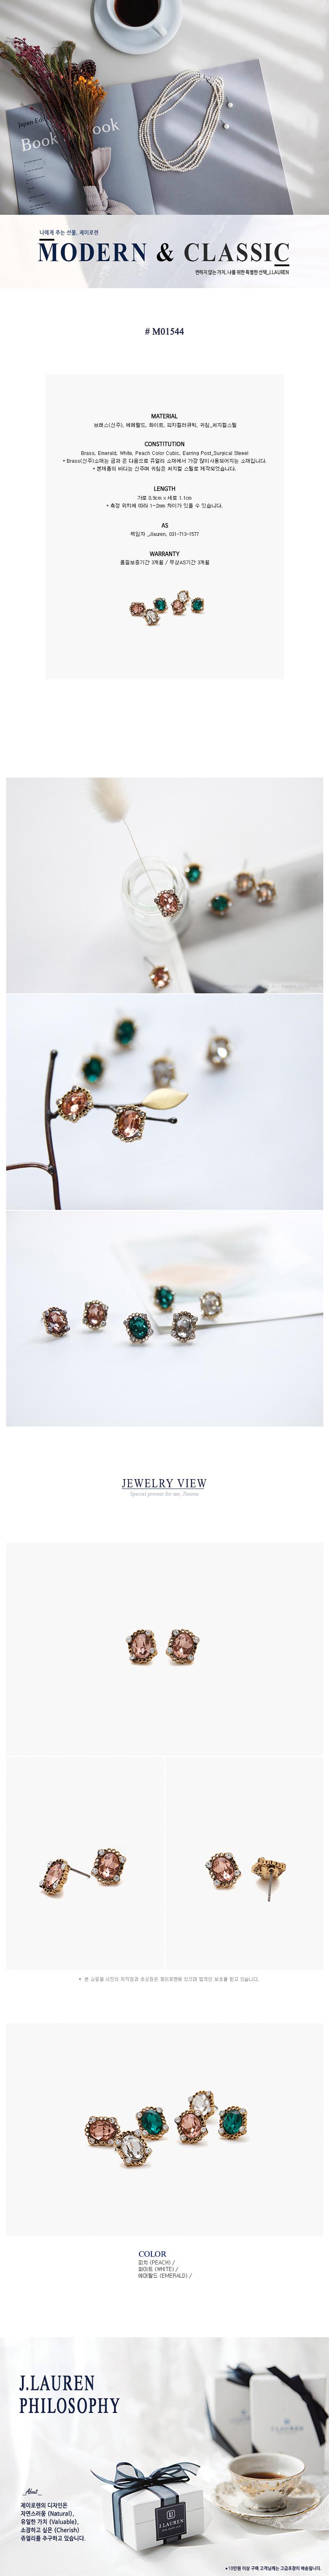 제이로렌 9M01544 복고풍 컬러큐빅의 엔틱 귀걸이 - 바이데이지, 24,000원, 진주/원석, 볼귀걸이